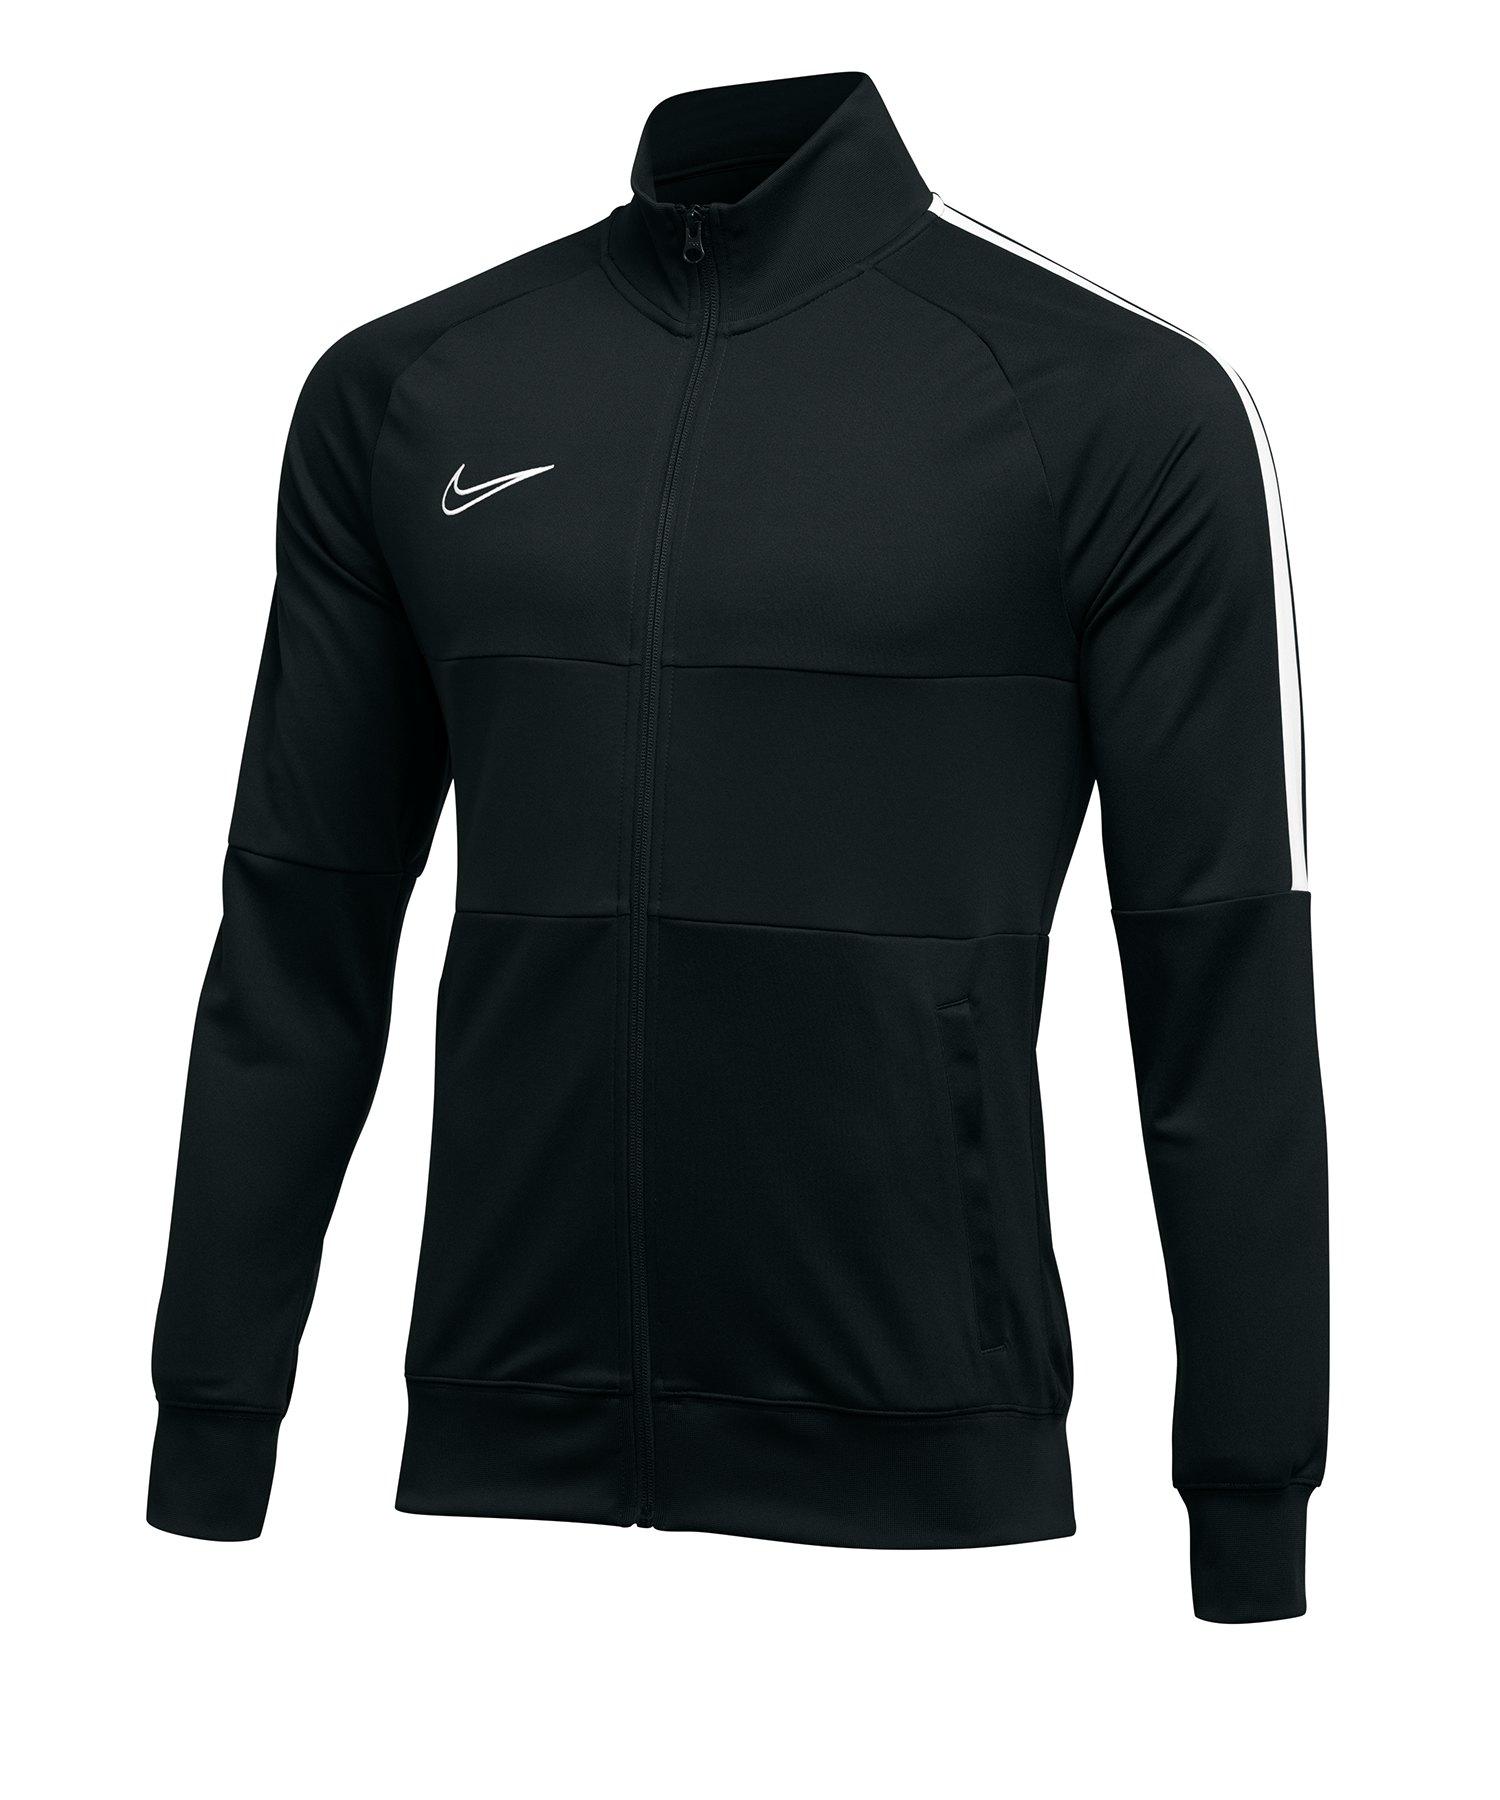 Nike Academy 19 Trainingsjacke Schwarz F010 - schwarz